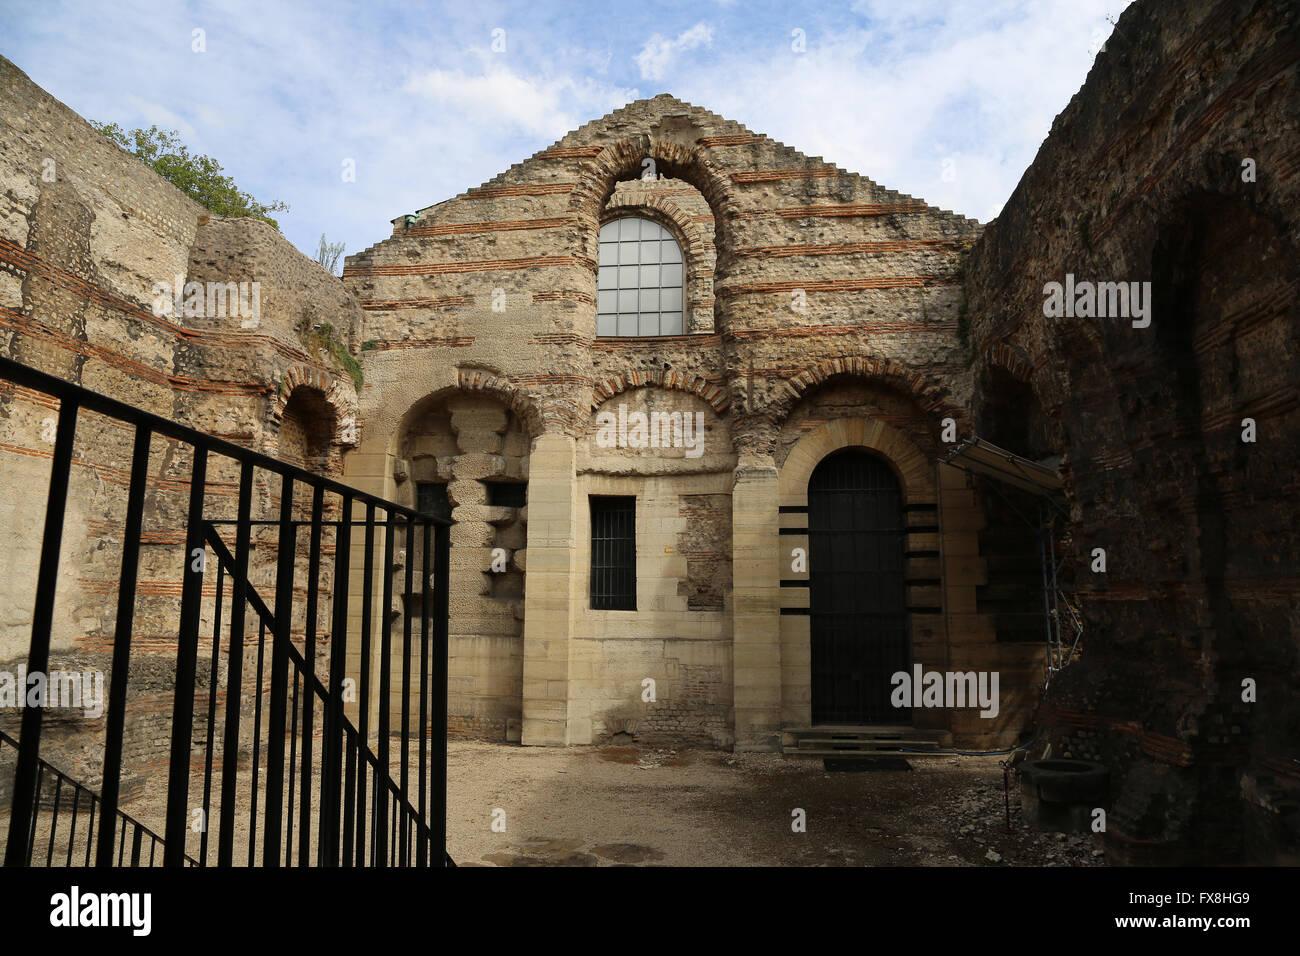 Extrêmement France Paris Cluny Museum Stock Photos & France Paris Cluny Museum  CN54